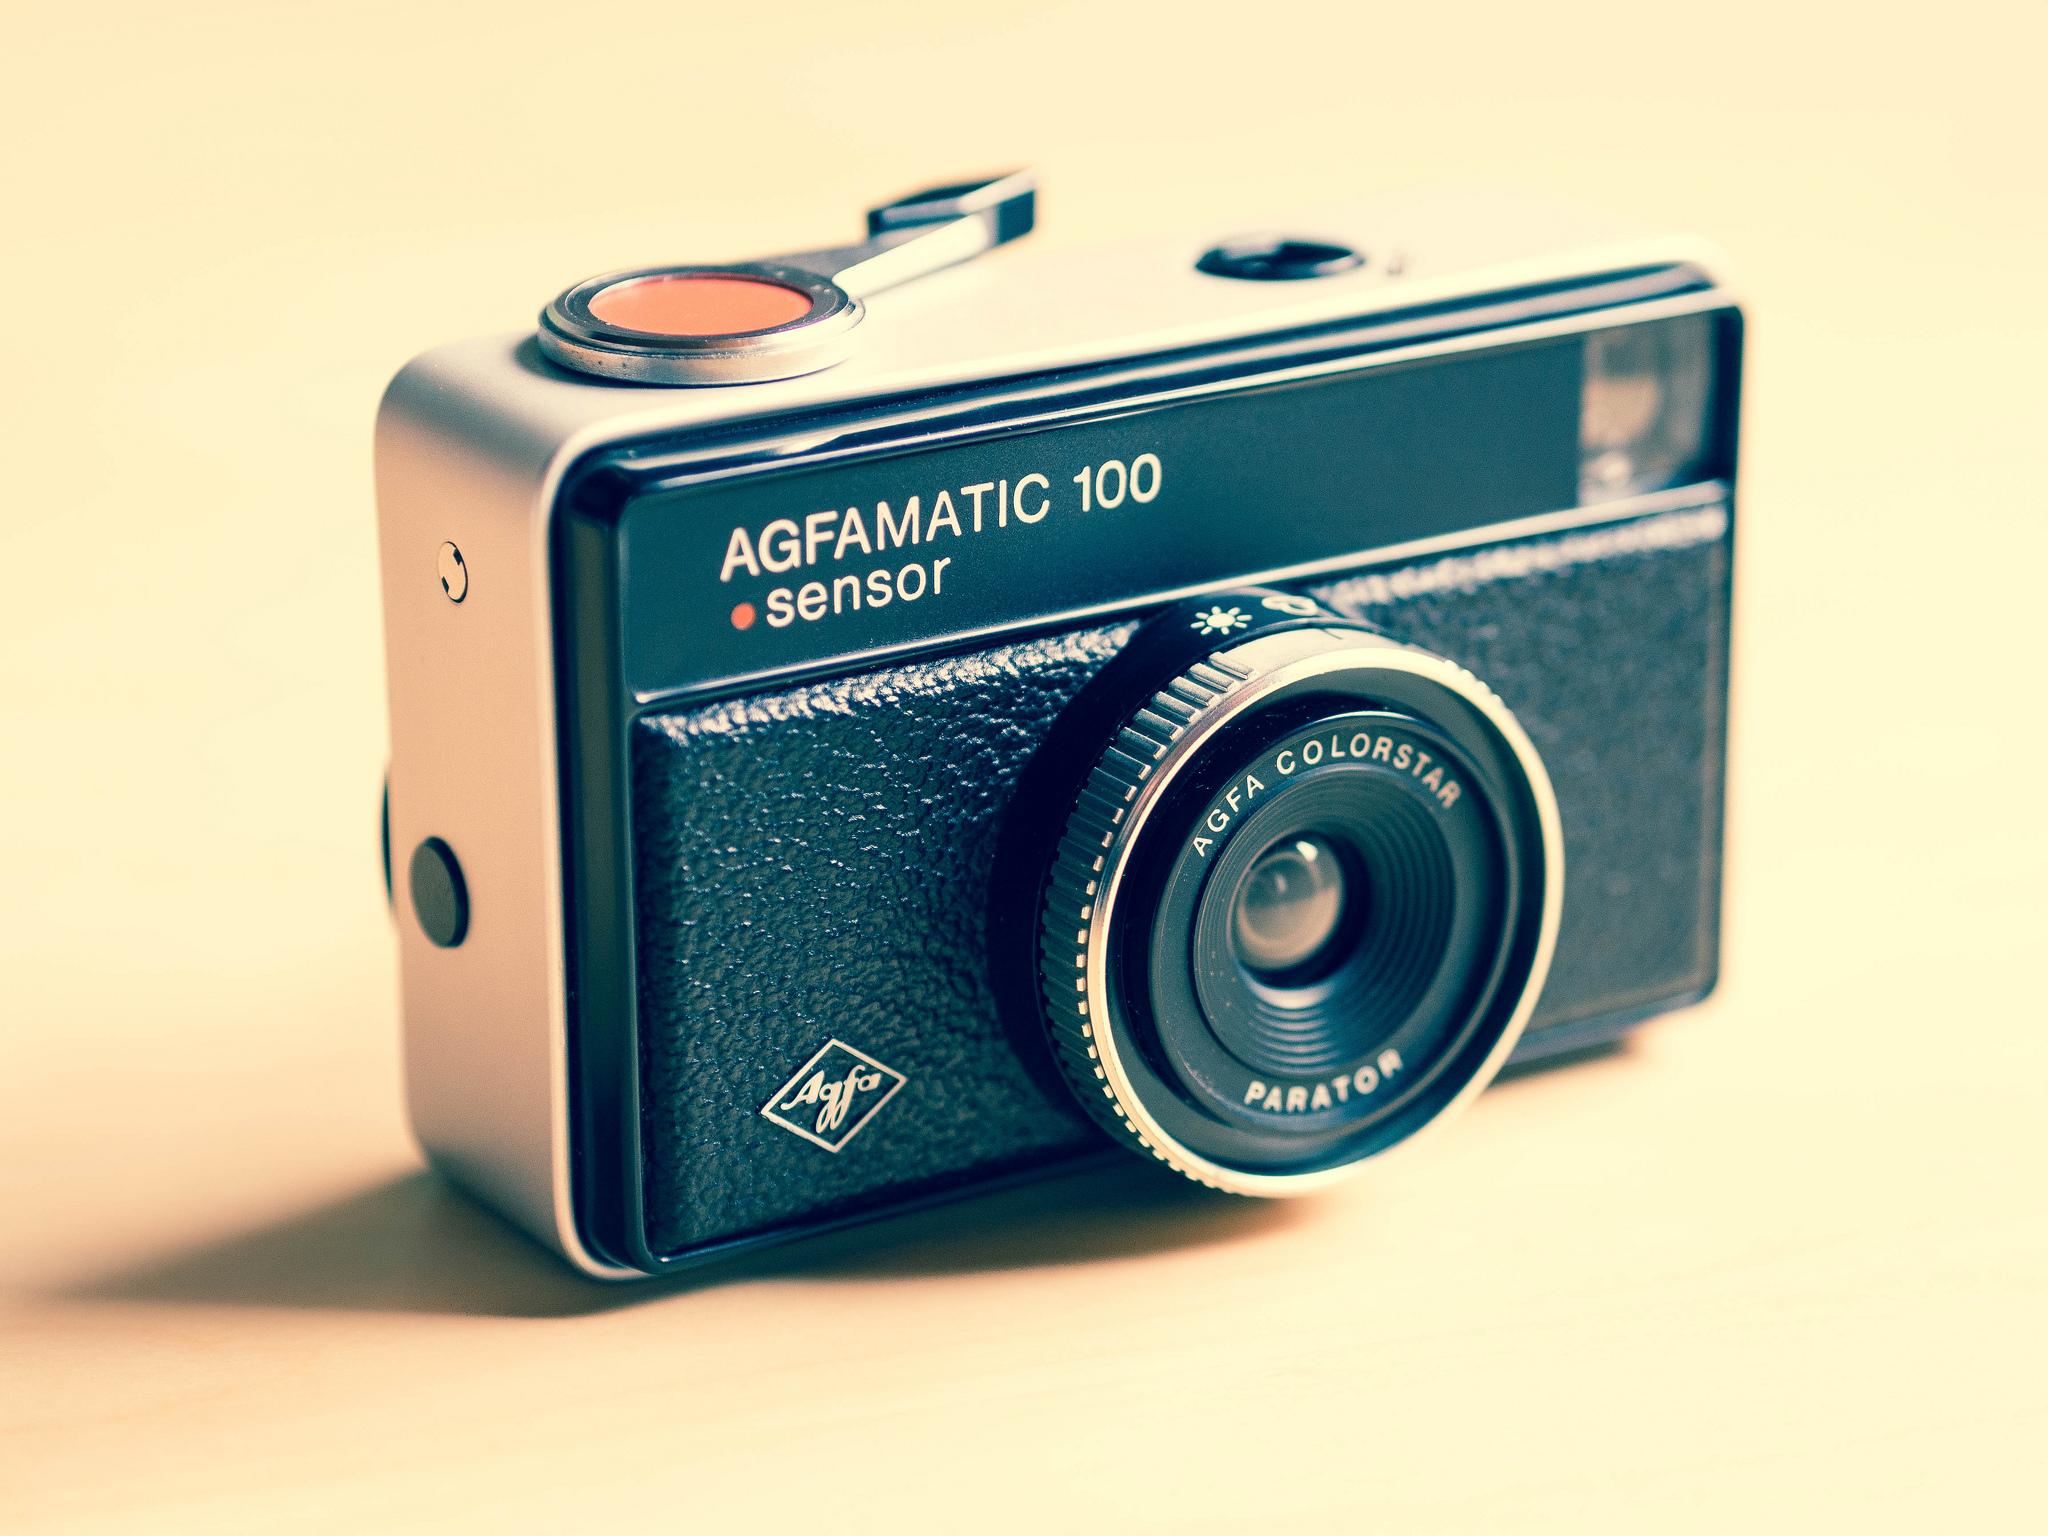 Quelques années d'études à reprendre : formation-photographie.eu